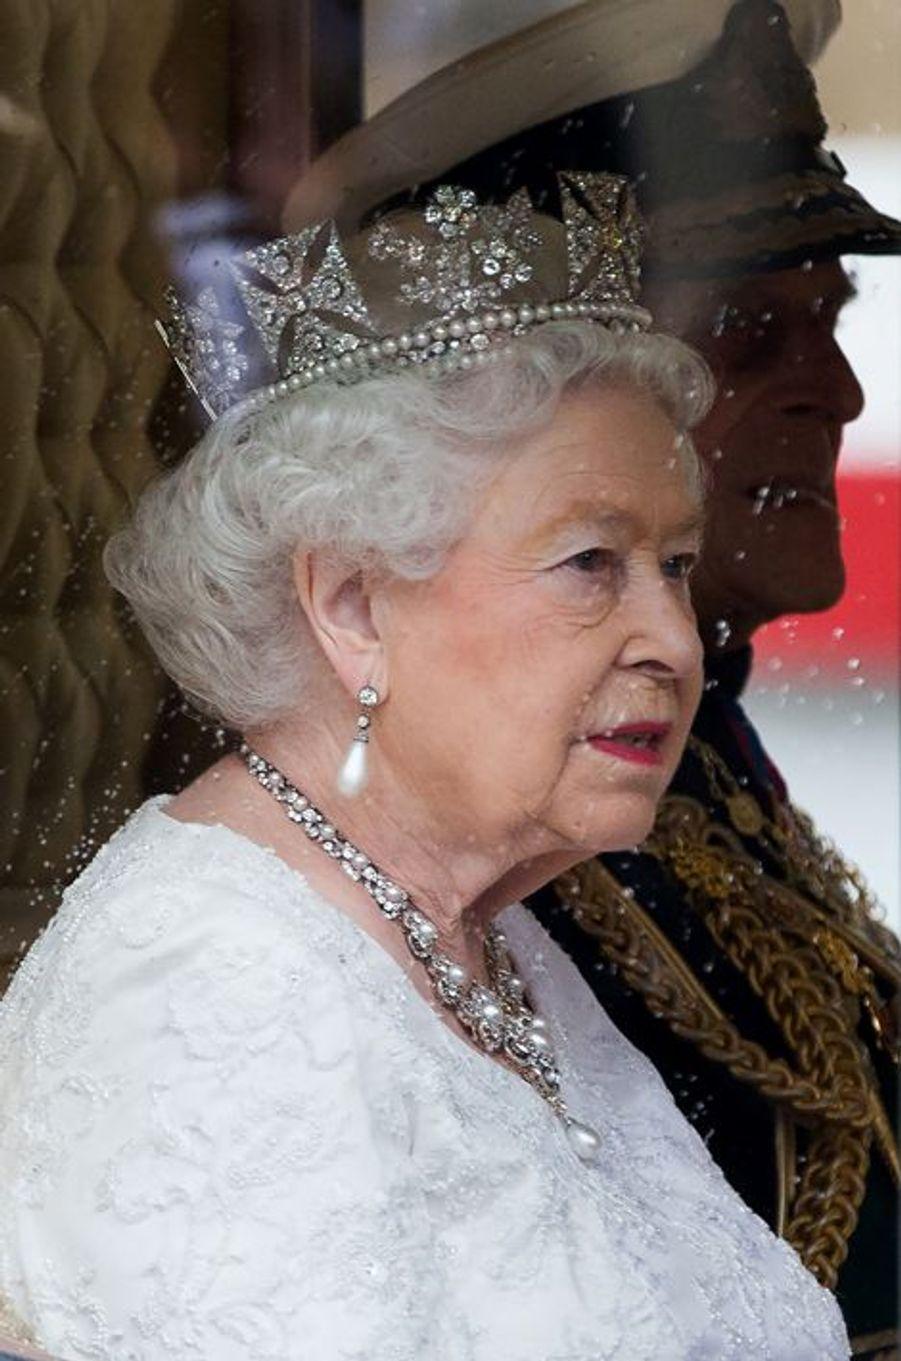 La reine Elizabeth II et le prince Philip dans leur carrosse à Londres, le 18 mai 2016